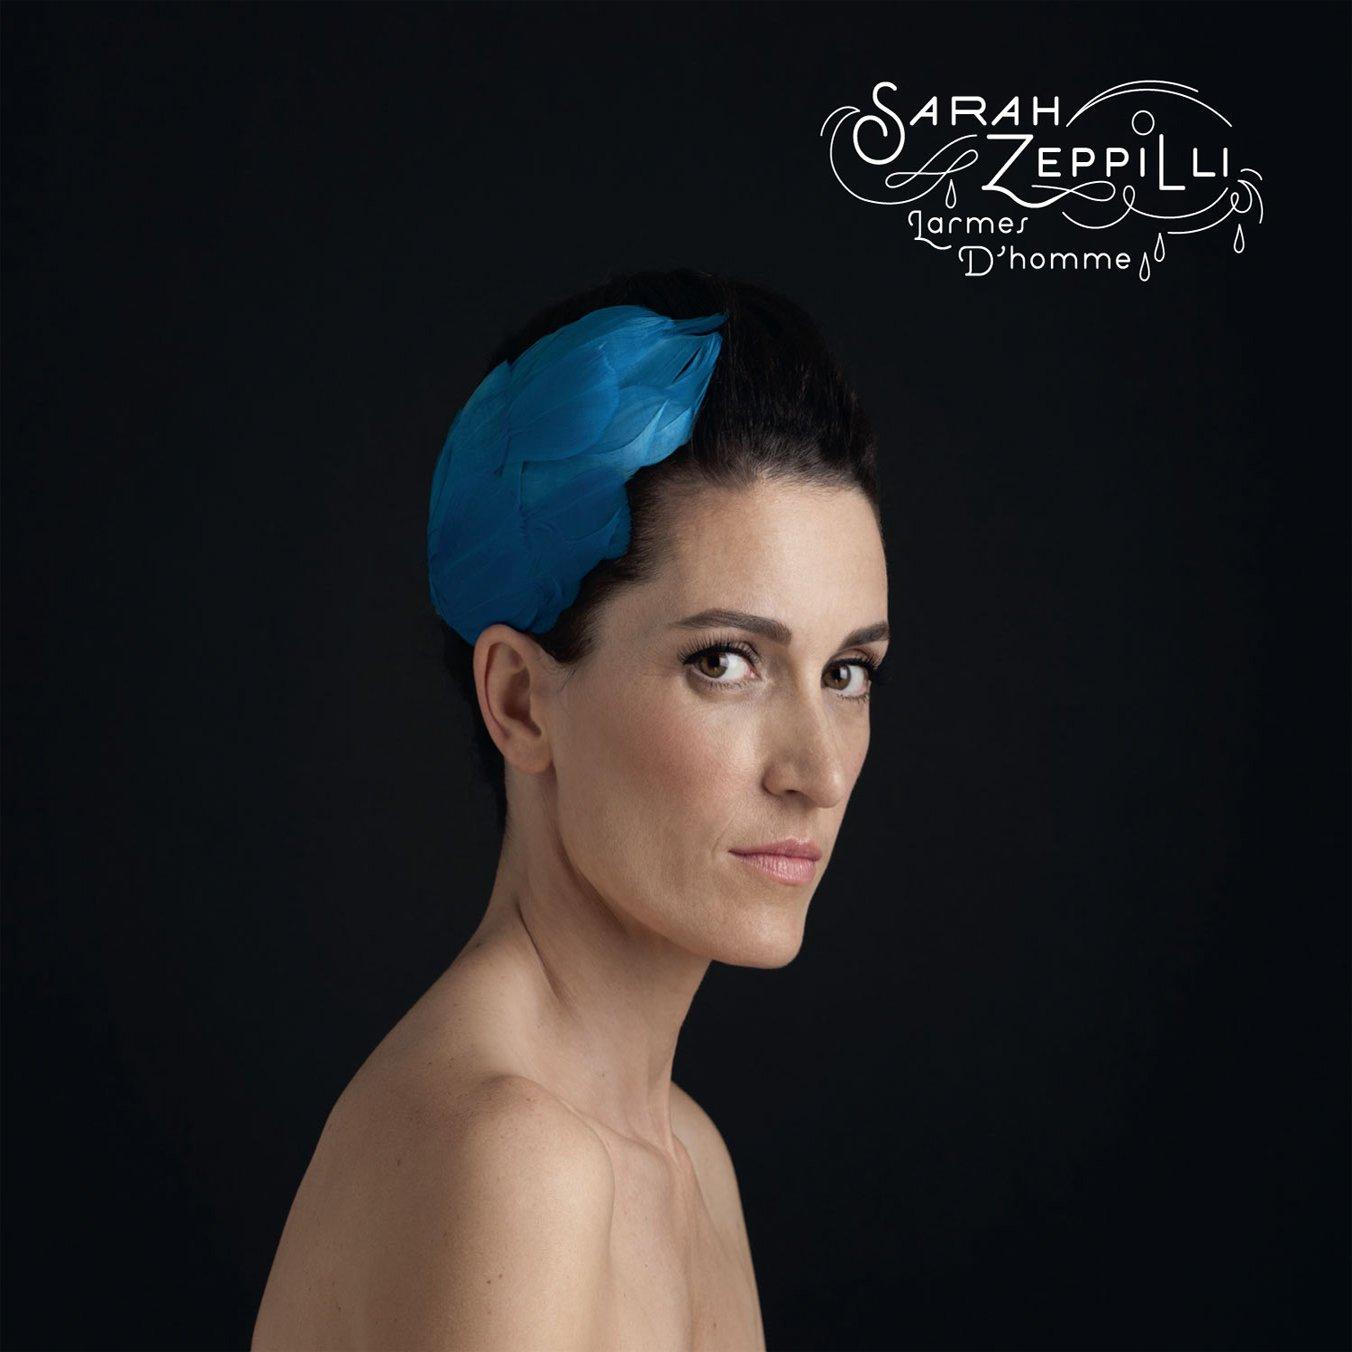 """Résultat de recherche d'images pour """"sarah zeppilli cd"""""""